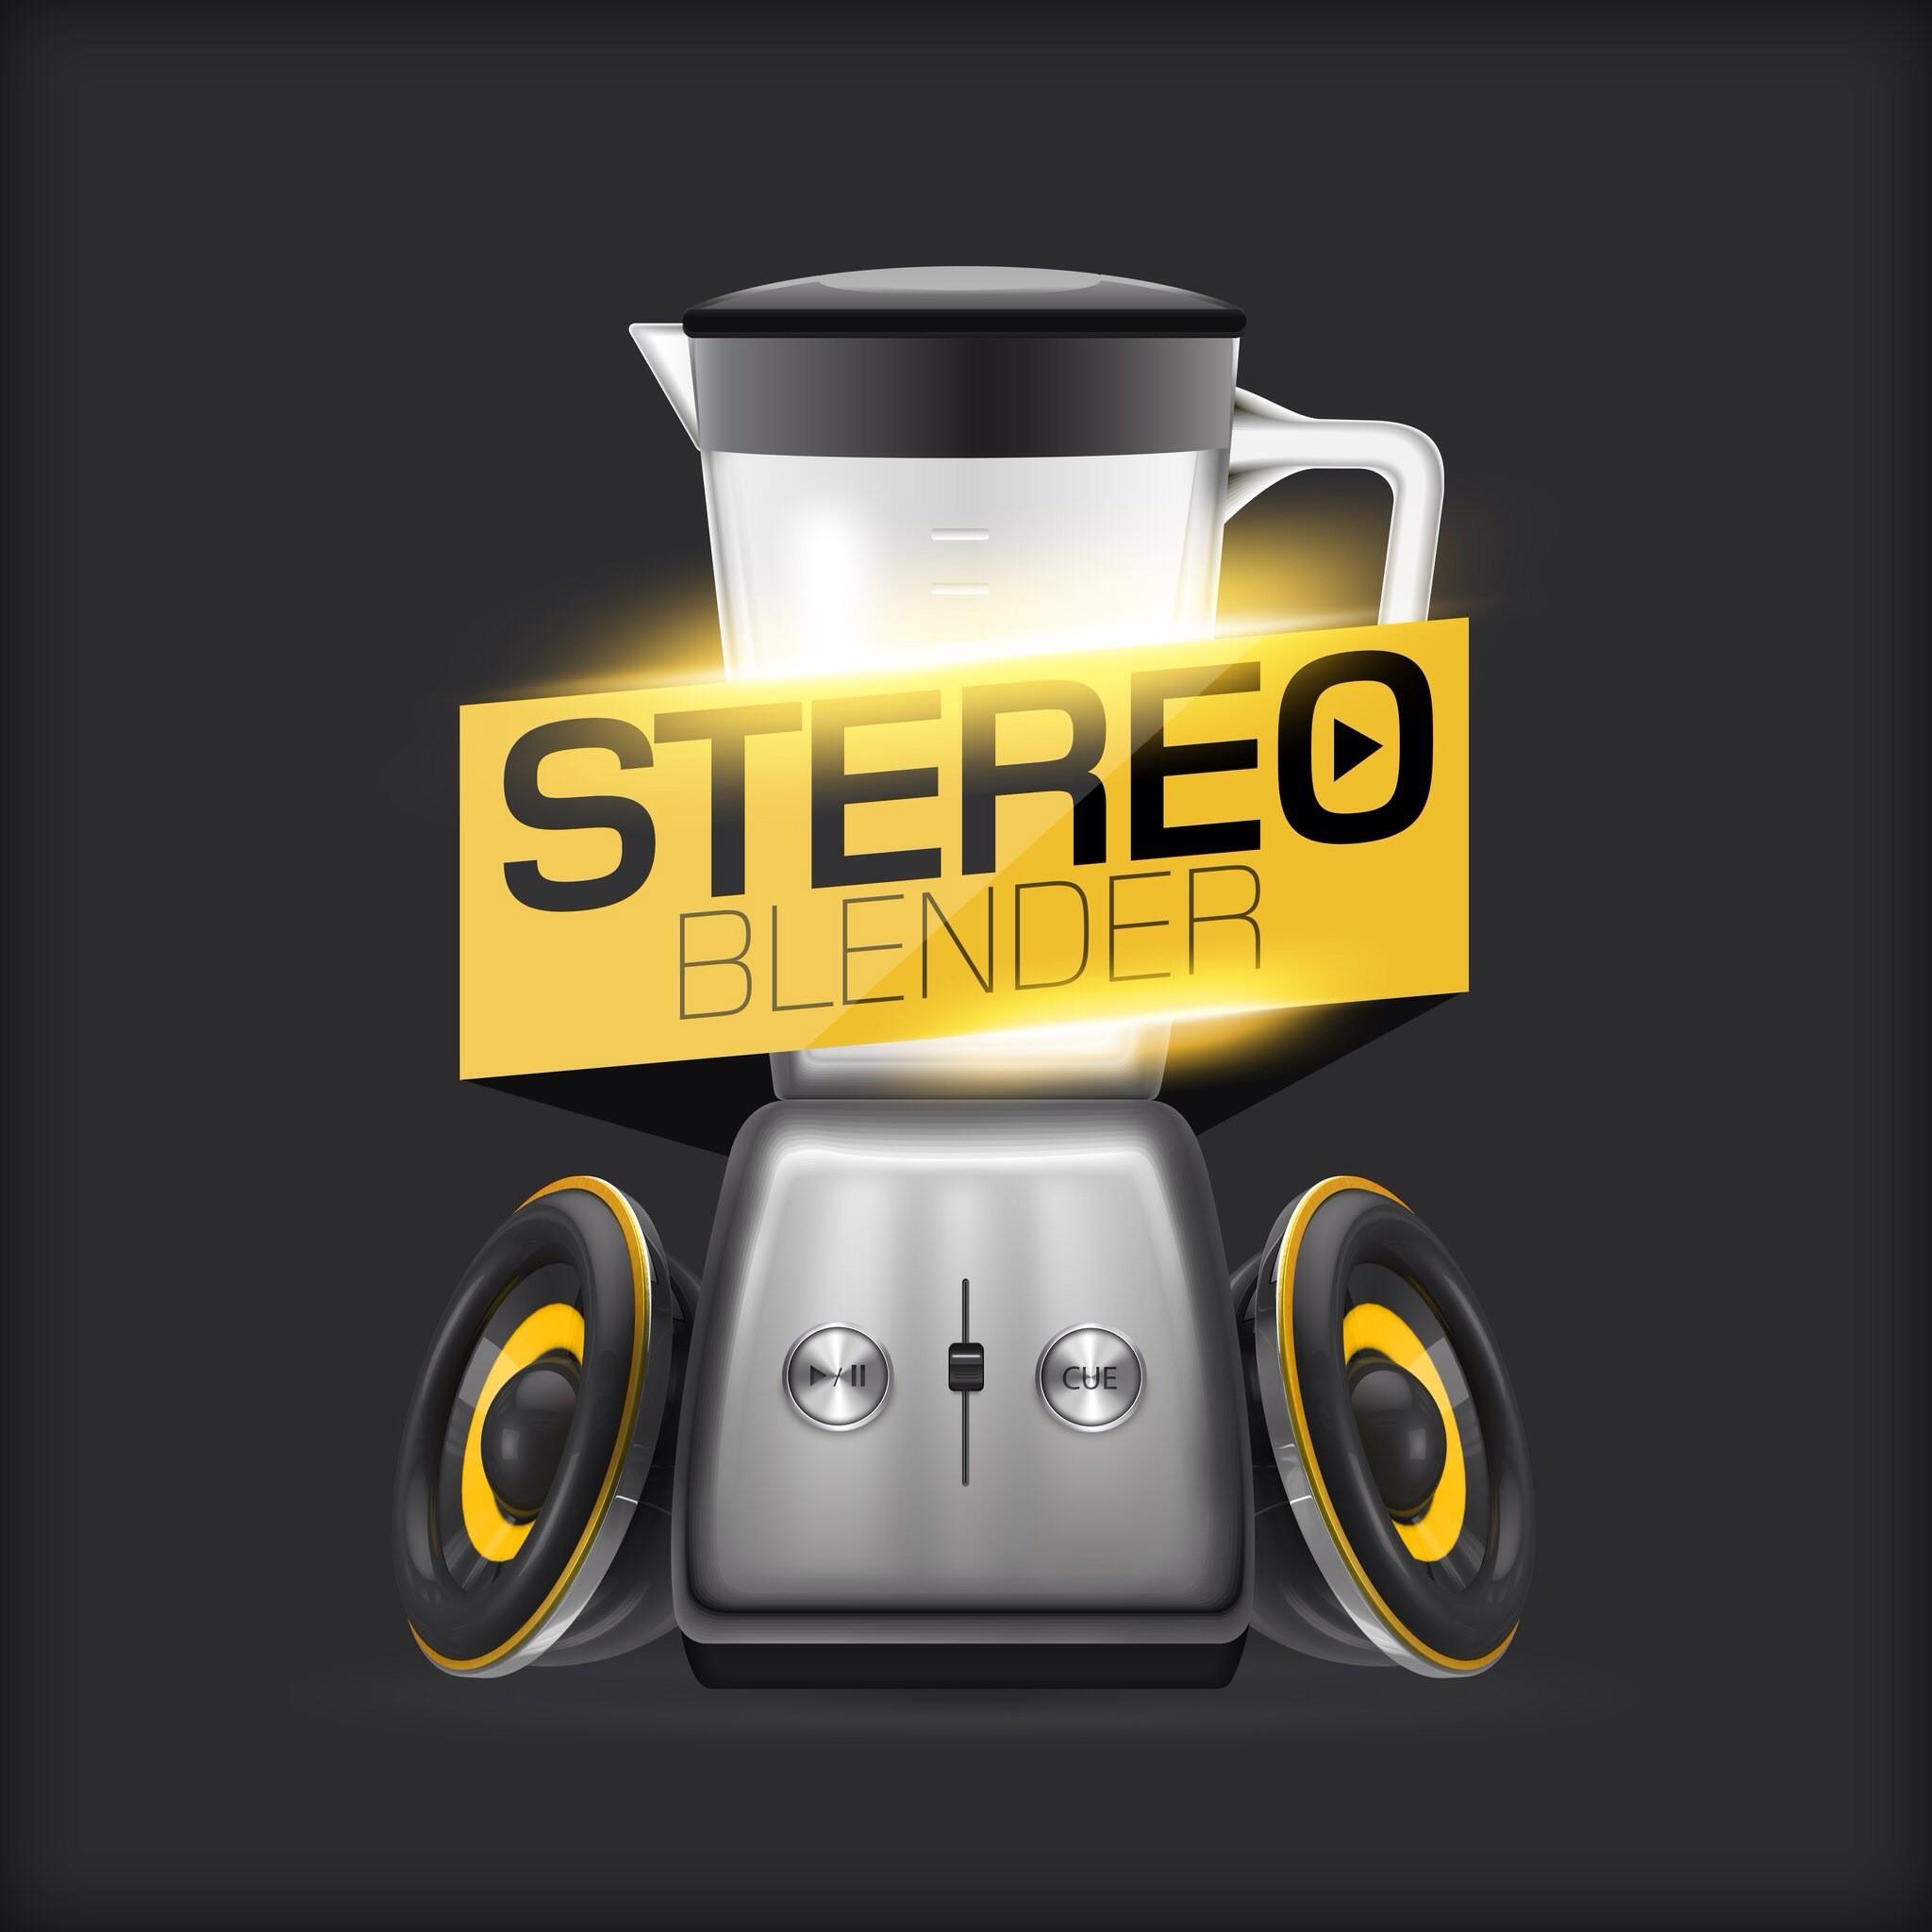 Stereo Blender (Sasha Tiger)